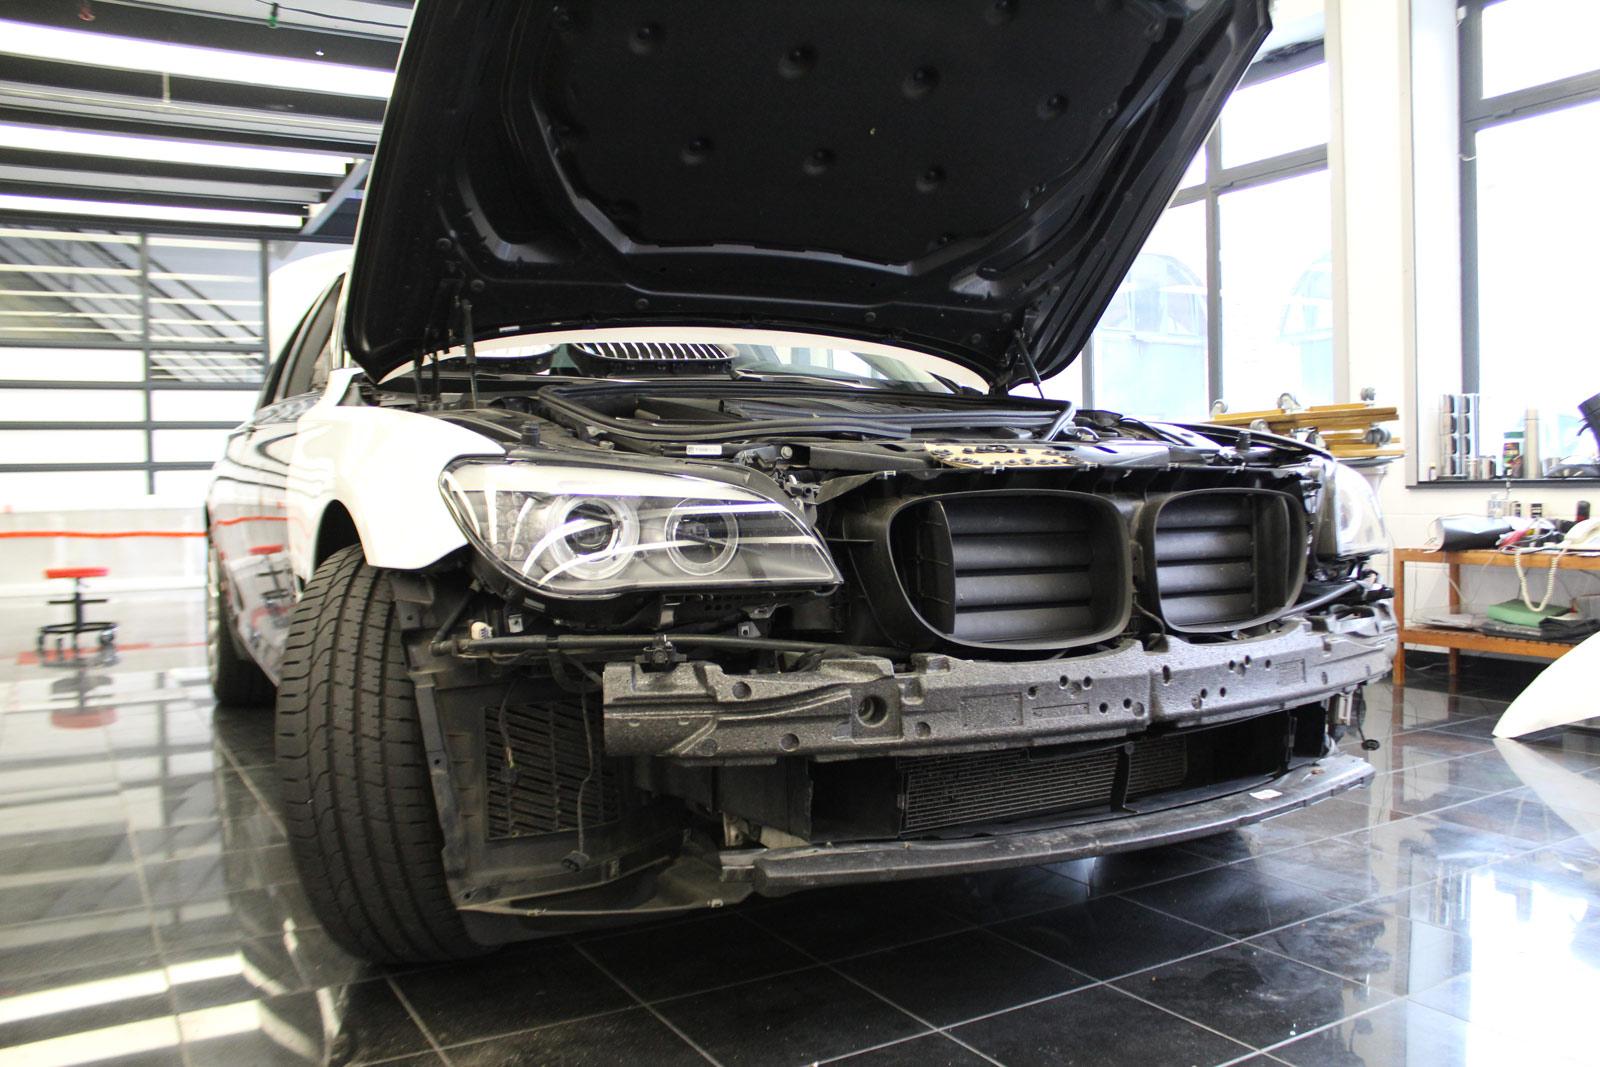 BMW_7er_Folierung_Weiss_Metallic_Schwarz_Glanz_01